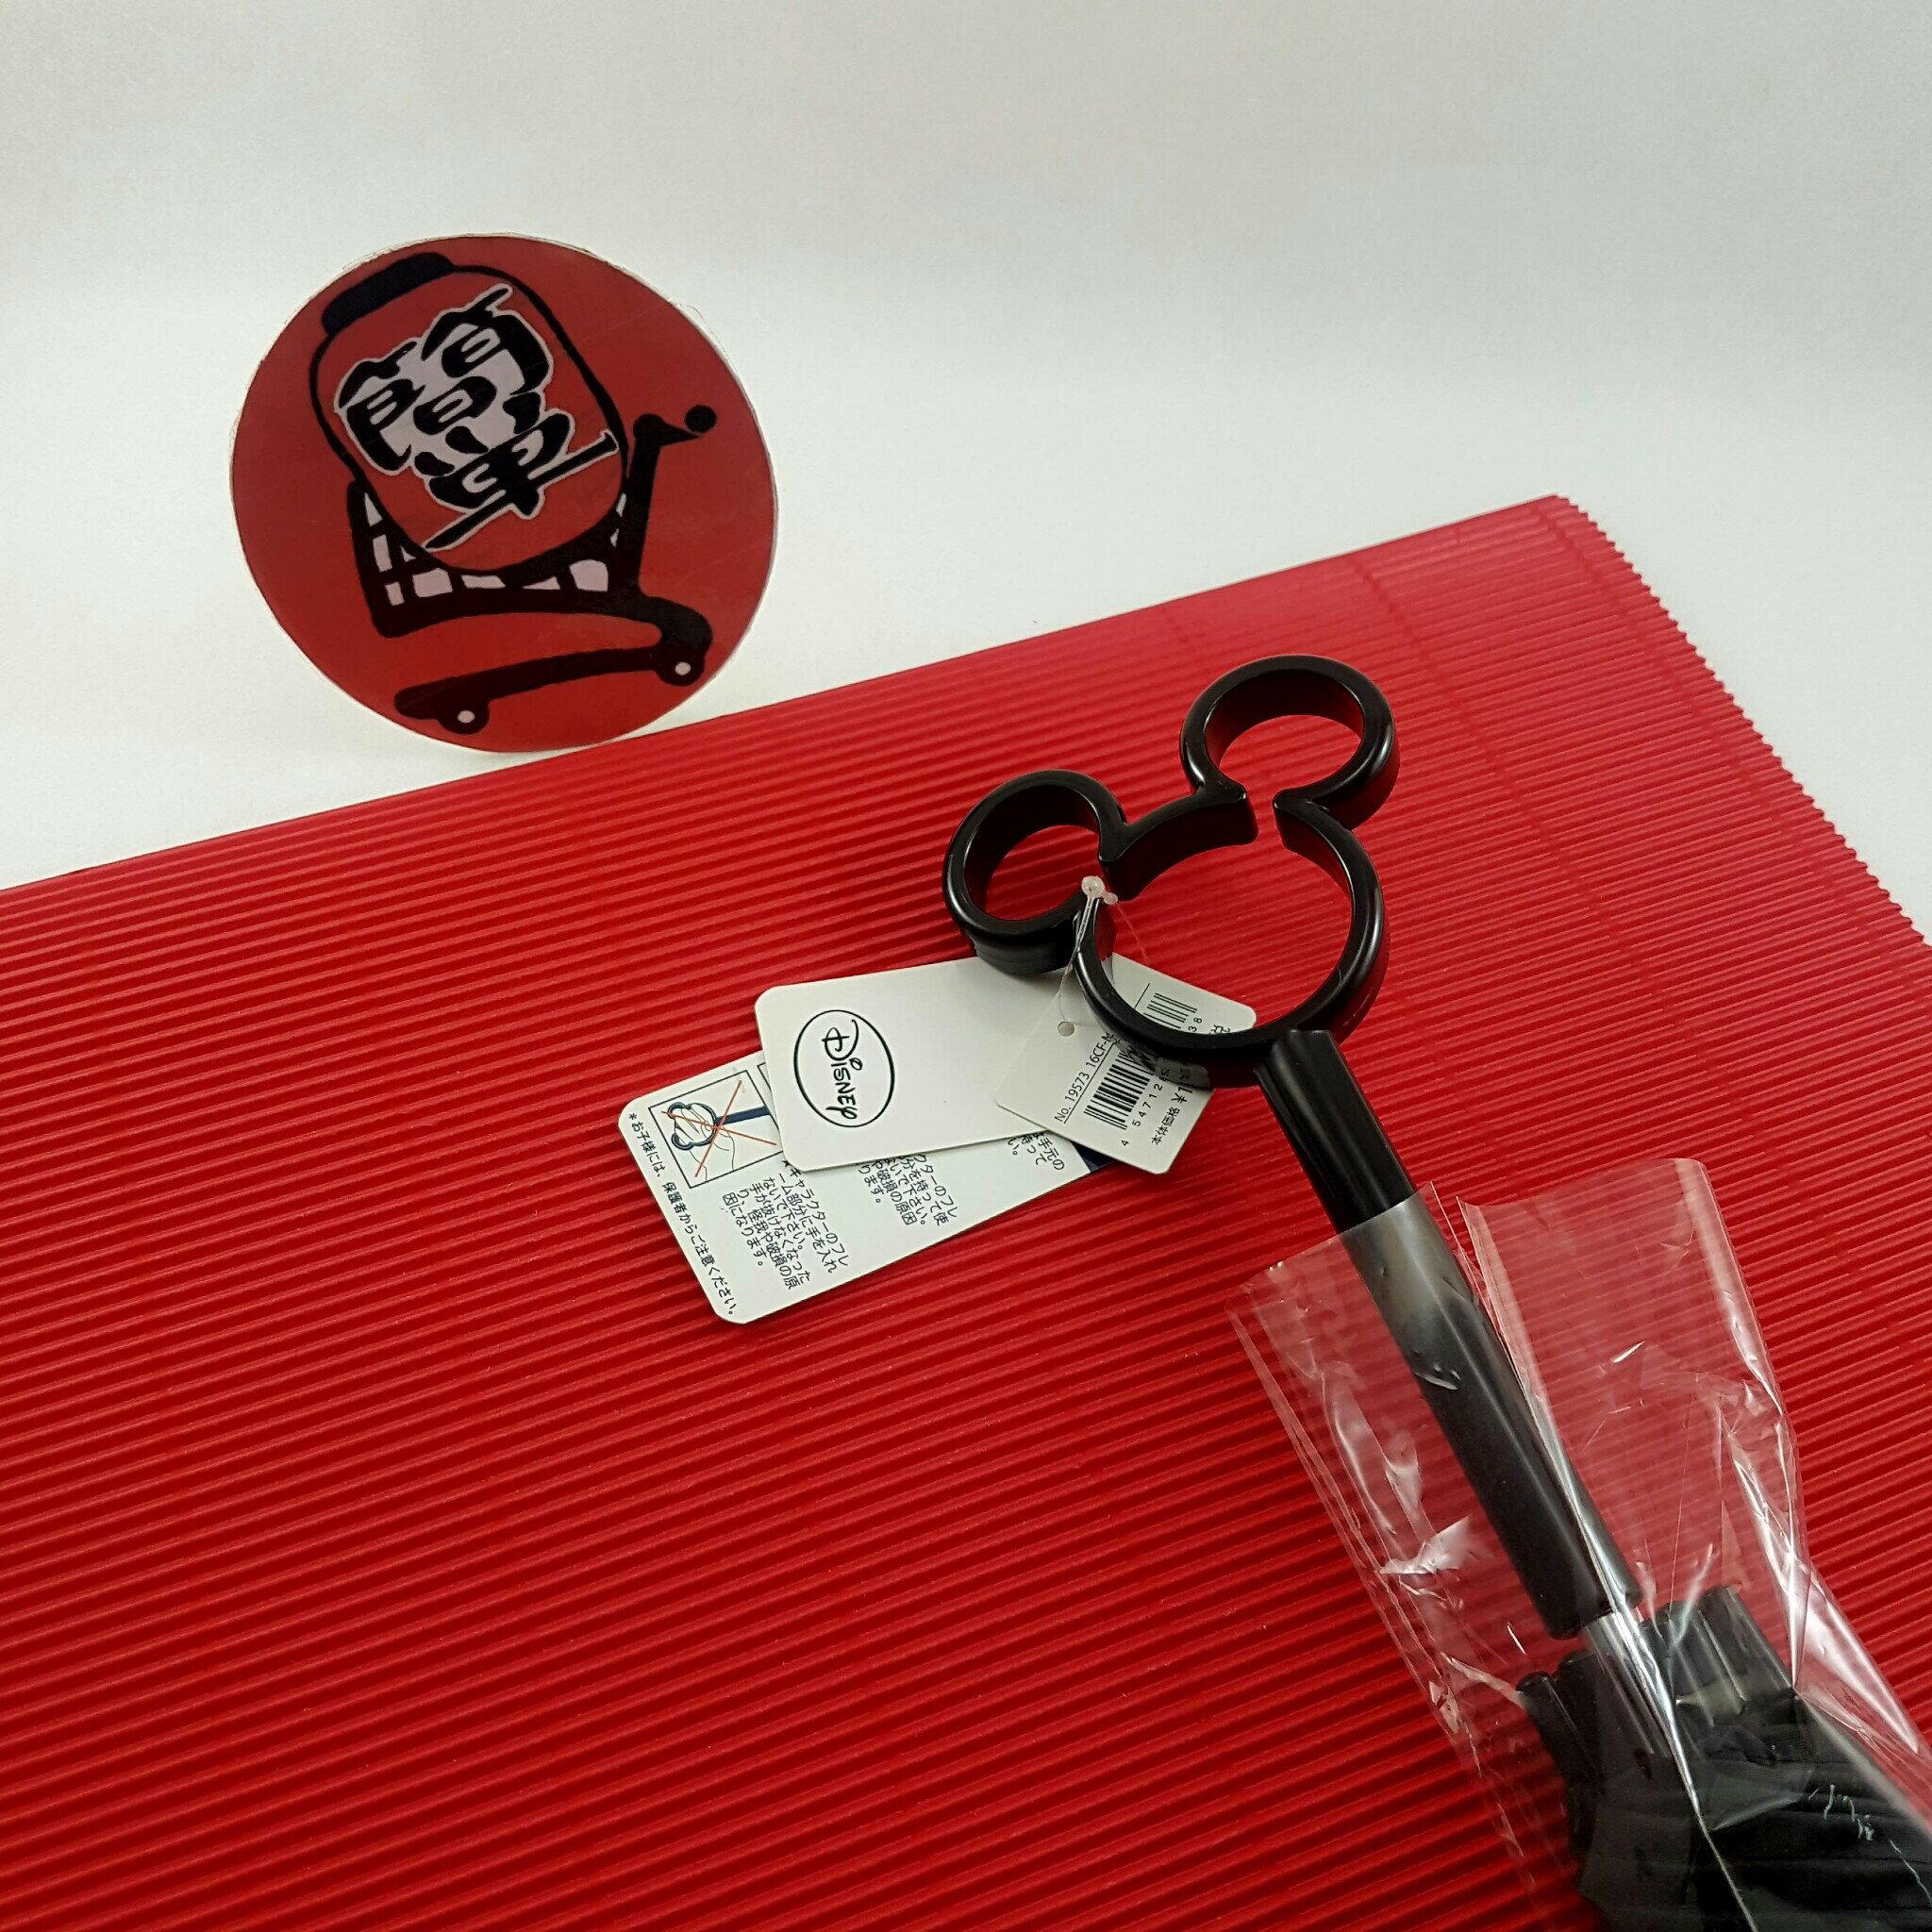 『簡?全球購』黑柄滿版米奇款 日本 迪士尼 米奇鏤空造型把手 透明直傘 雨傘